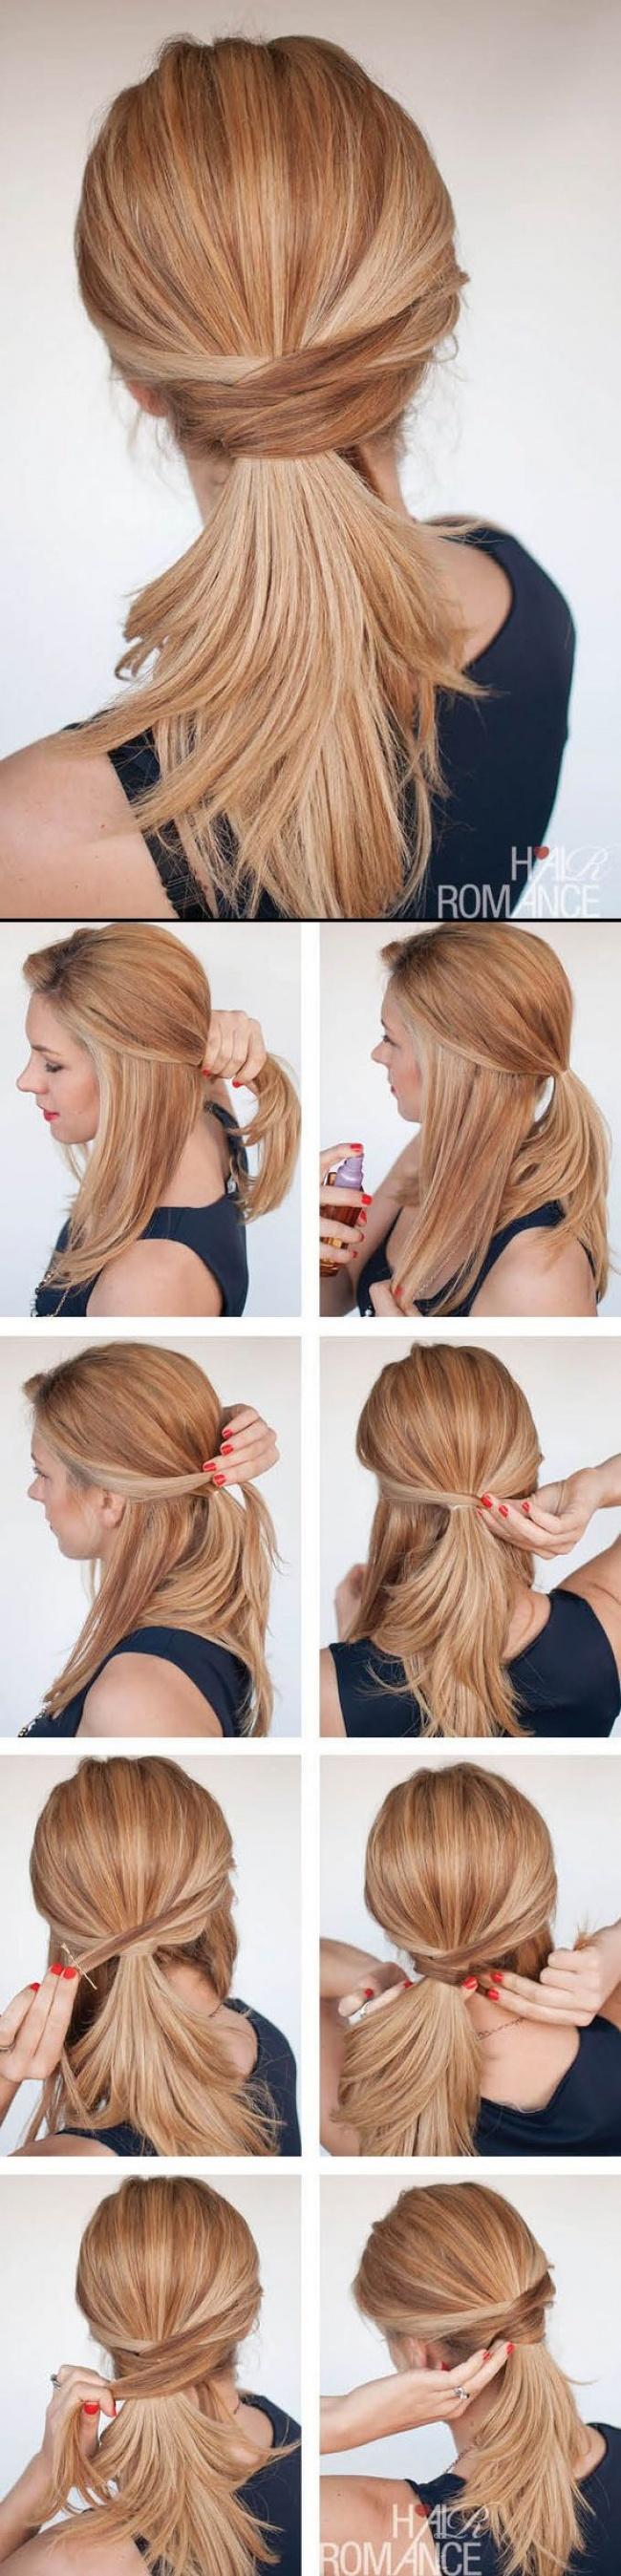 peinados que puedes hacer en casa en tiempo rcord con cul te quedas